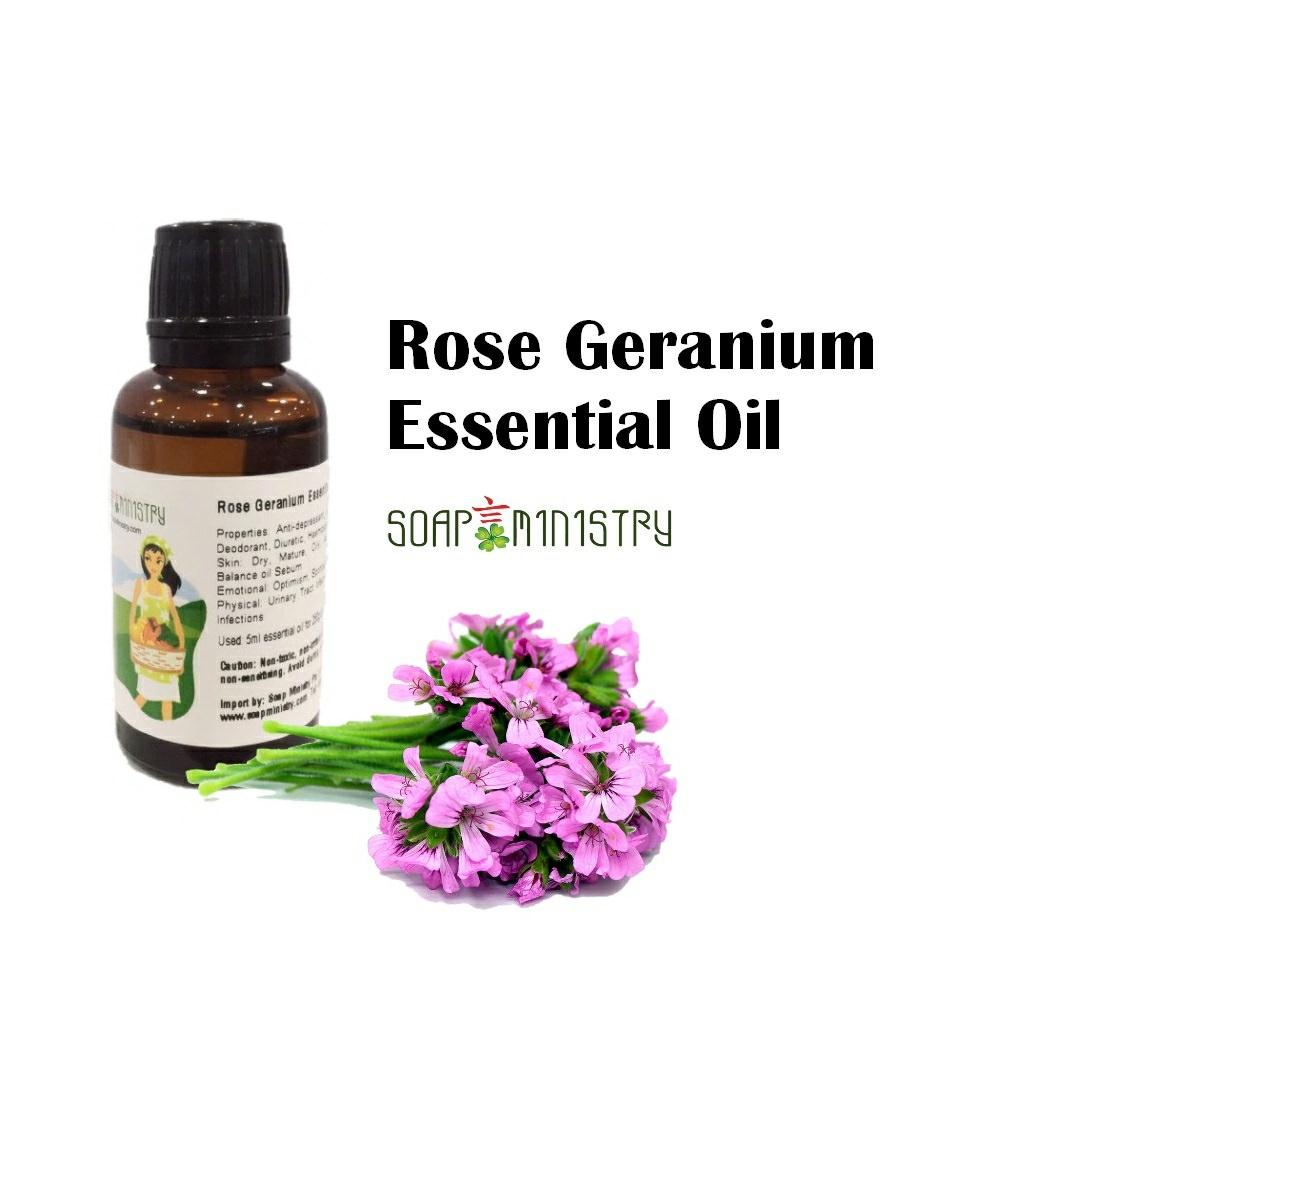 Rose Geranium Essential Oil 100ml